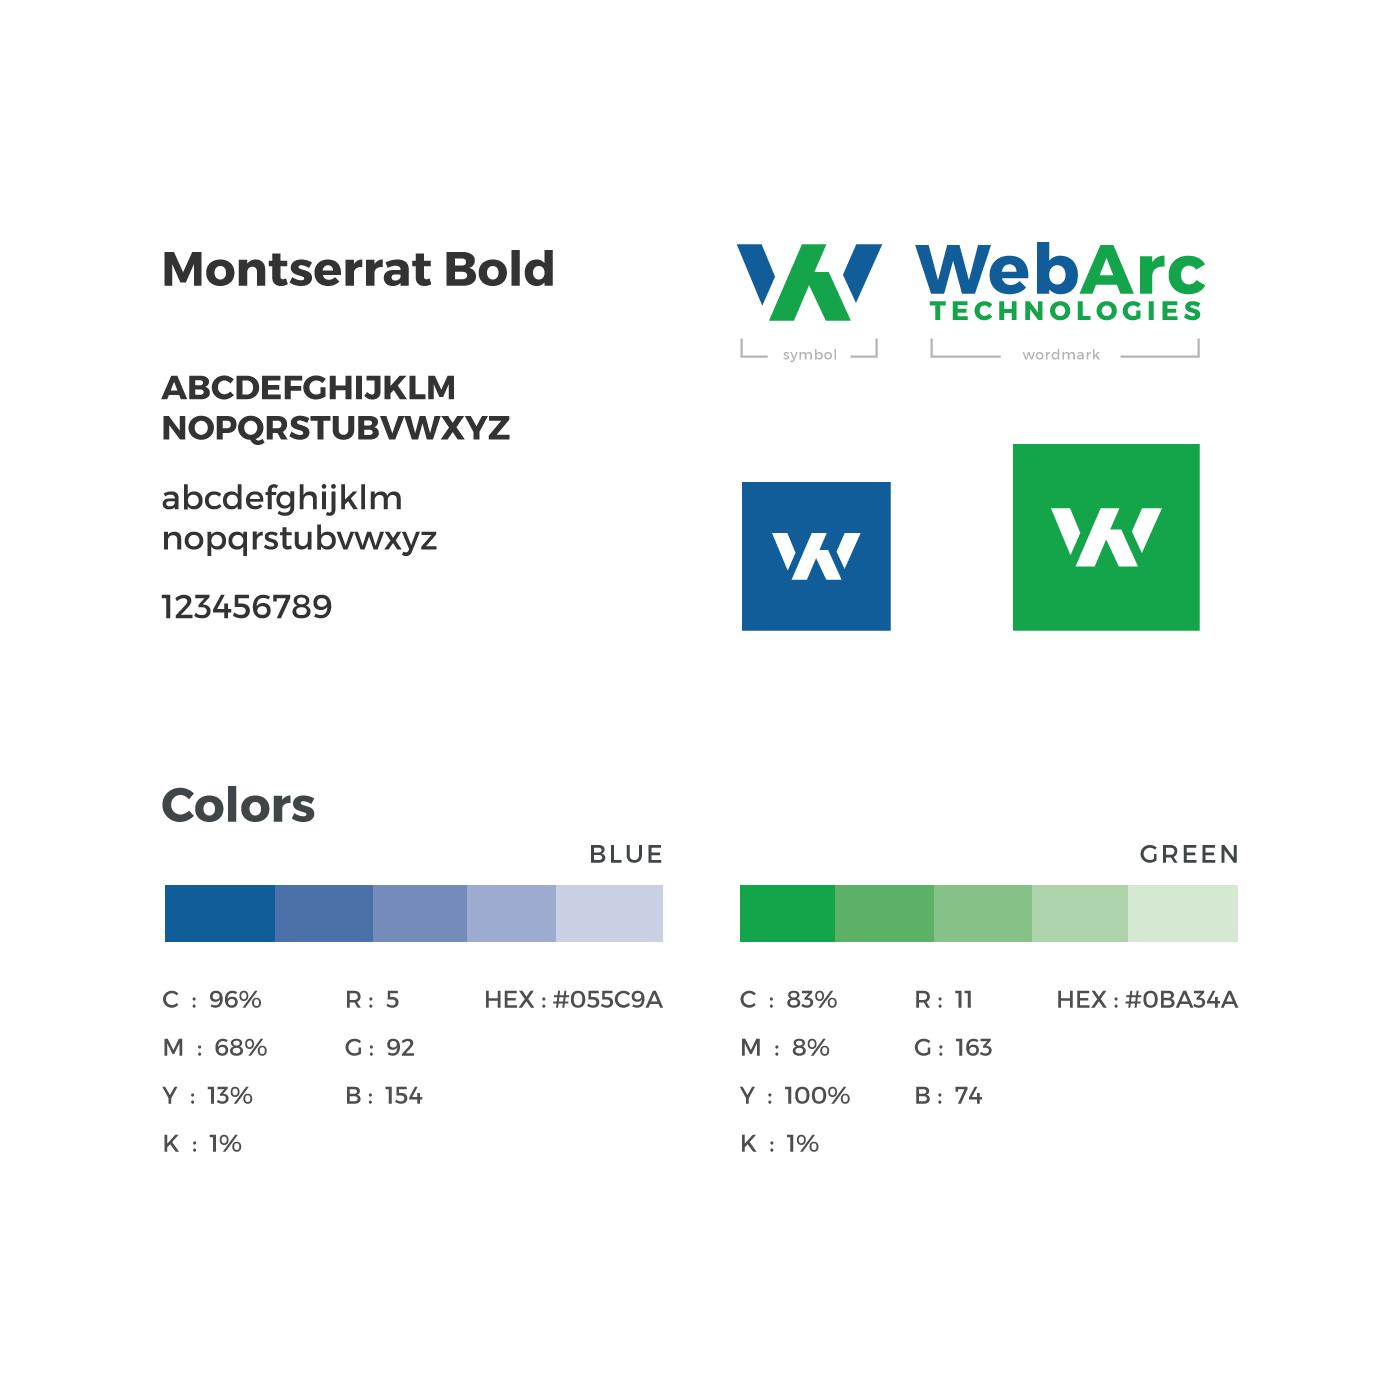 WebArc Technologies needs an eye catching logo